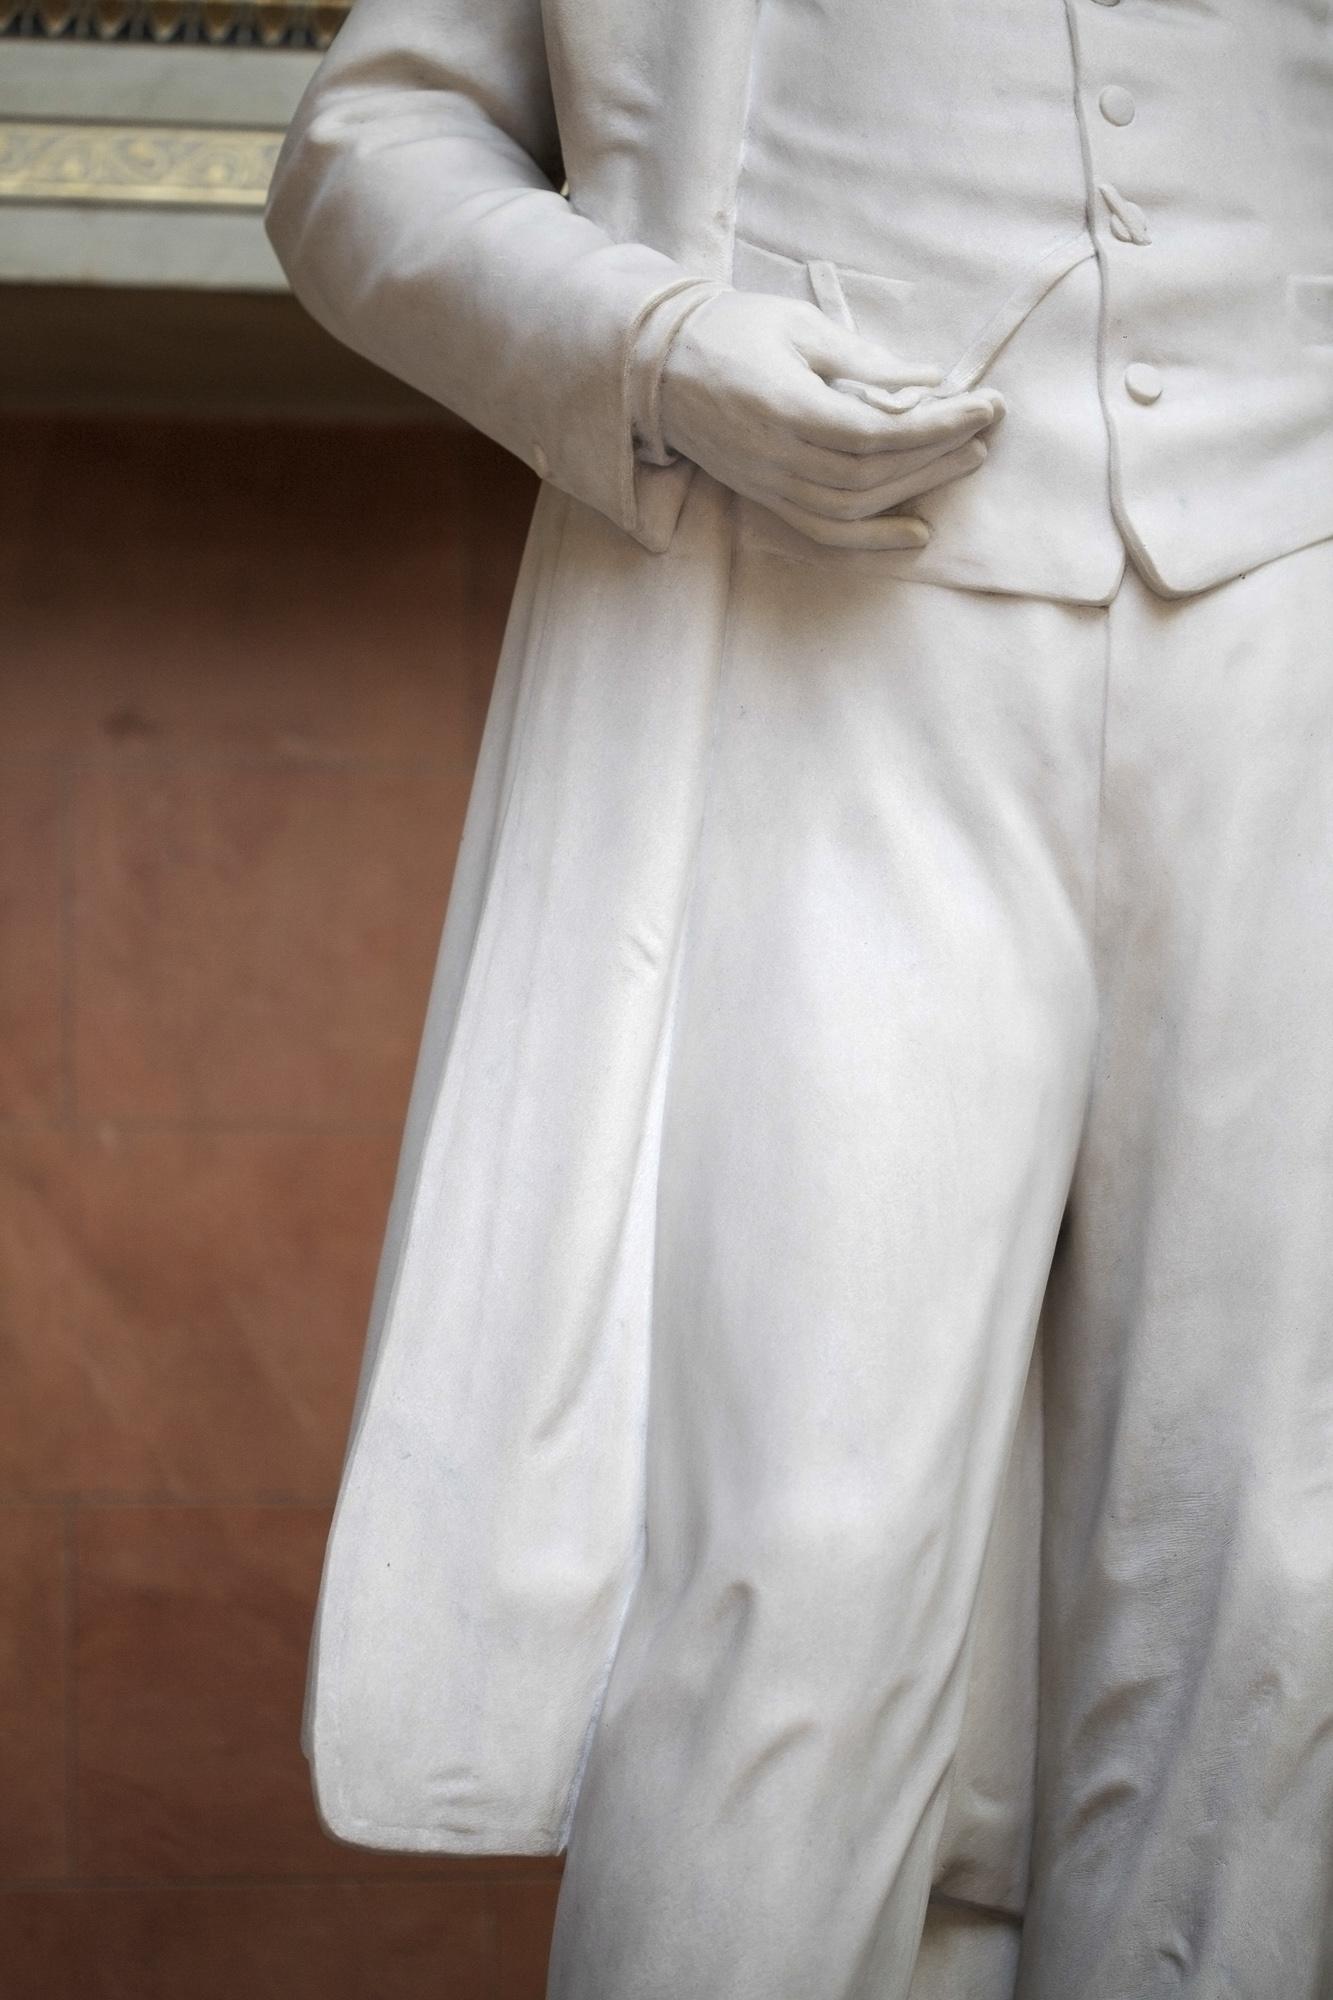 Mponanos | Sculptor